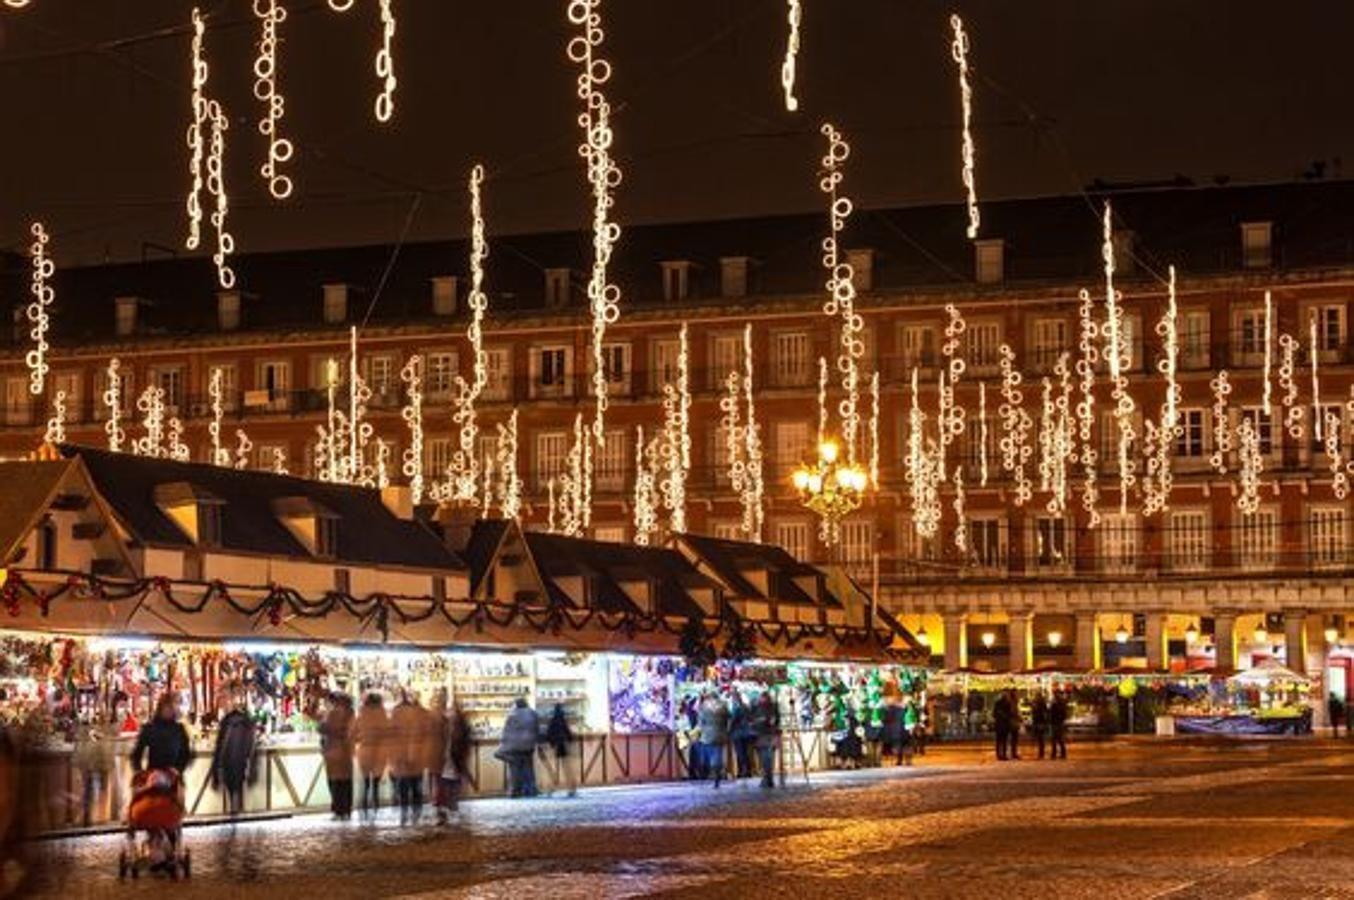 La Navidad Empieza El Madrid Con La Inauguración De Su Tradicional Mercadillo De La Plaza Mayor Que Est En 2021 Mercado De Navidad Navidad En España Navidad En Madrid